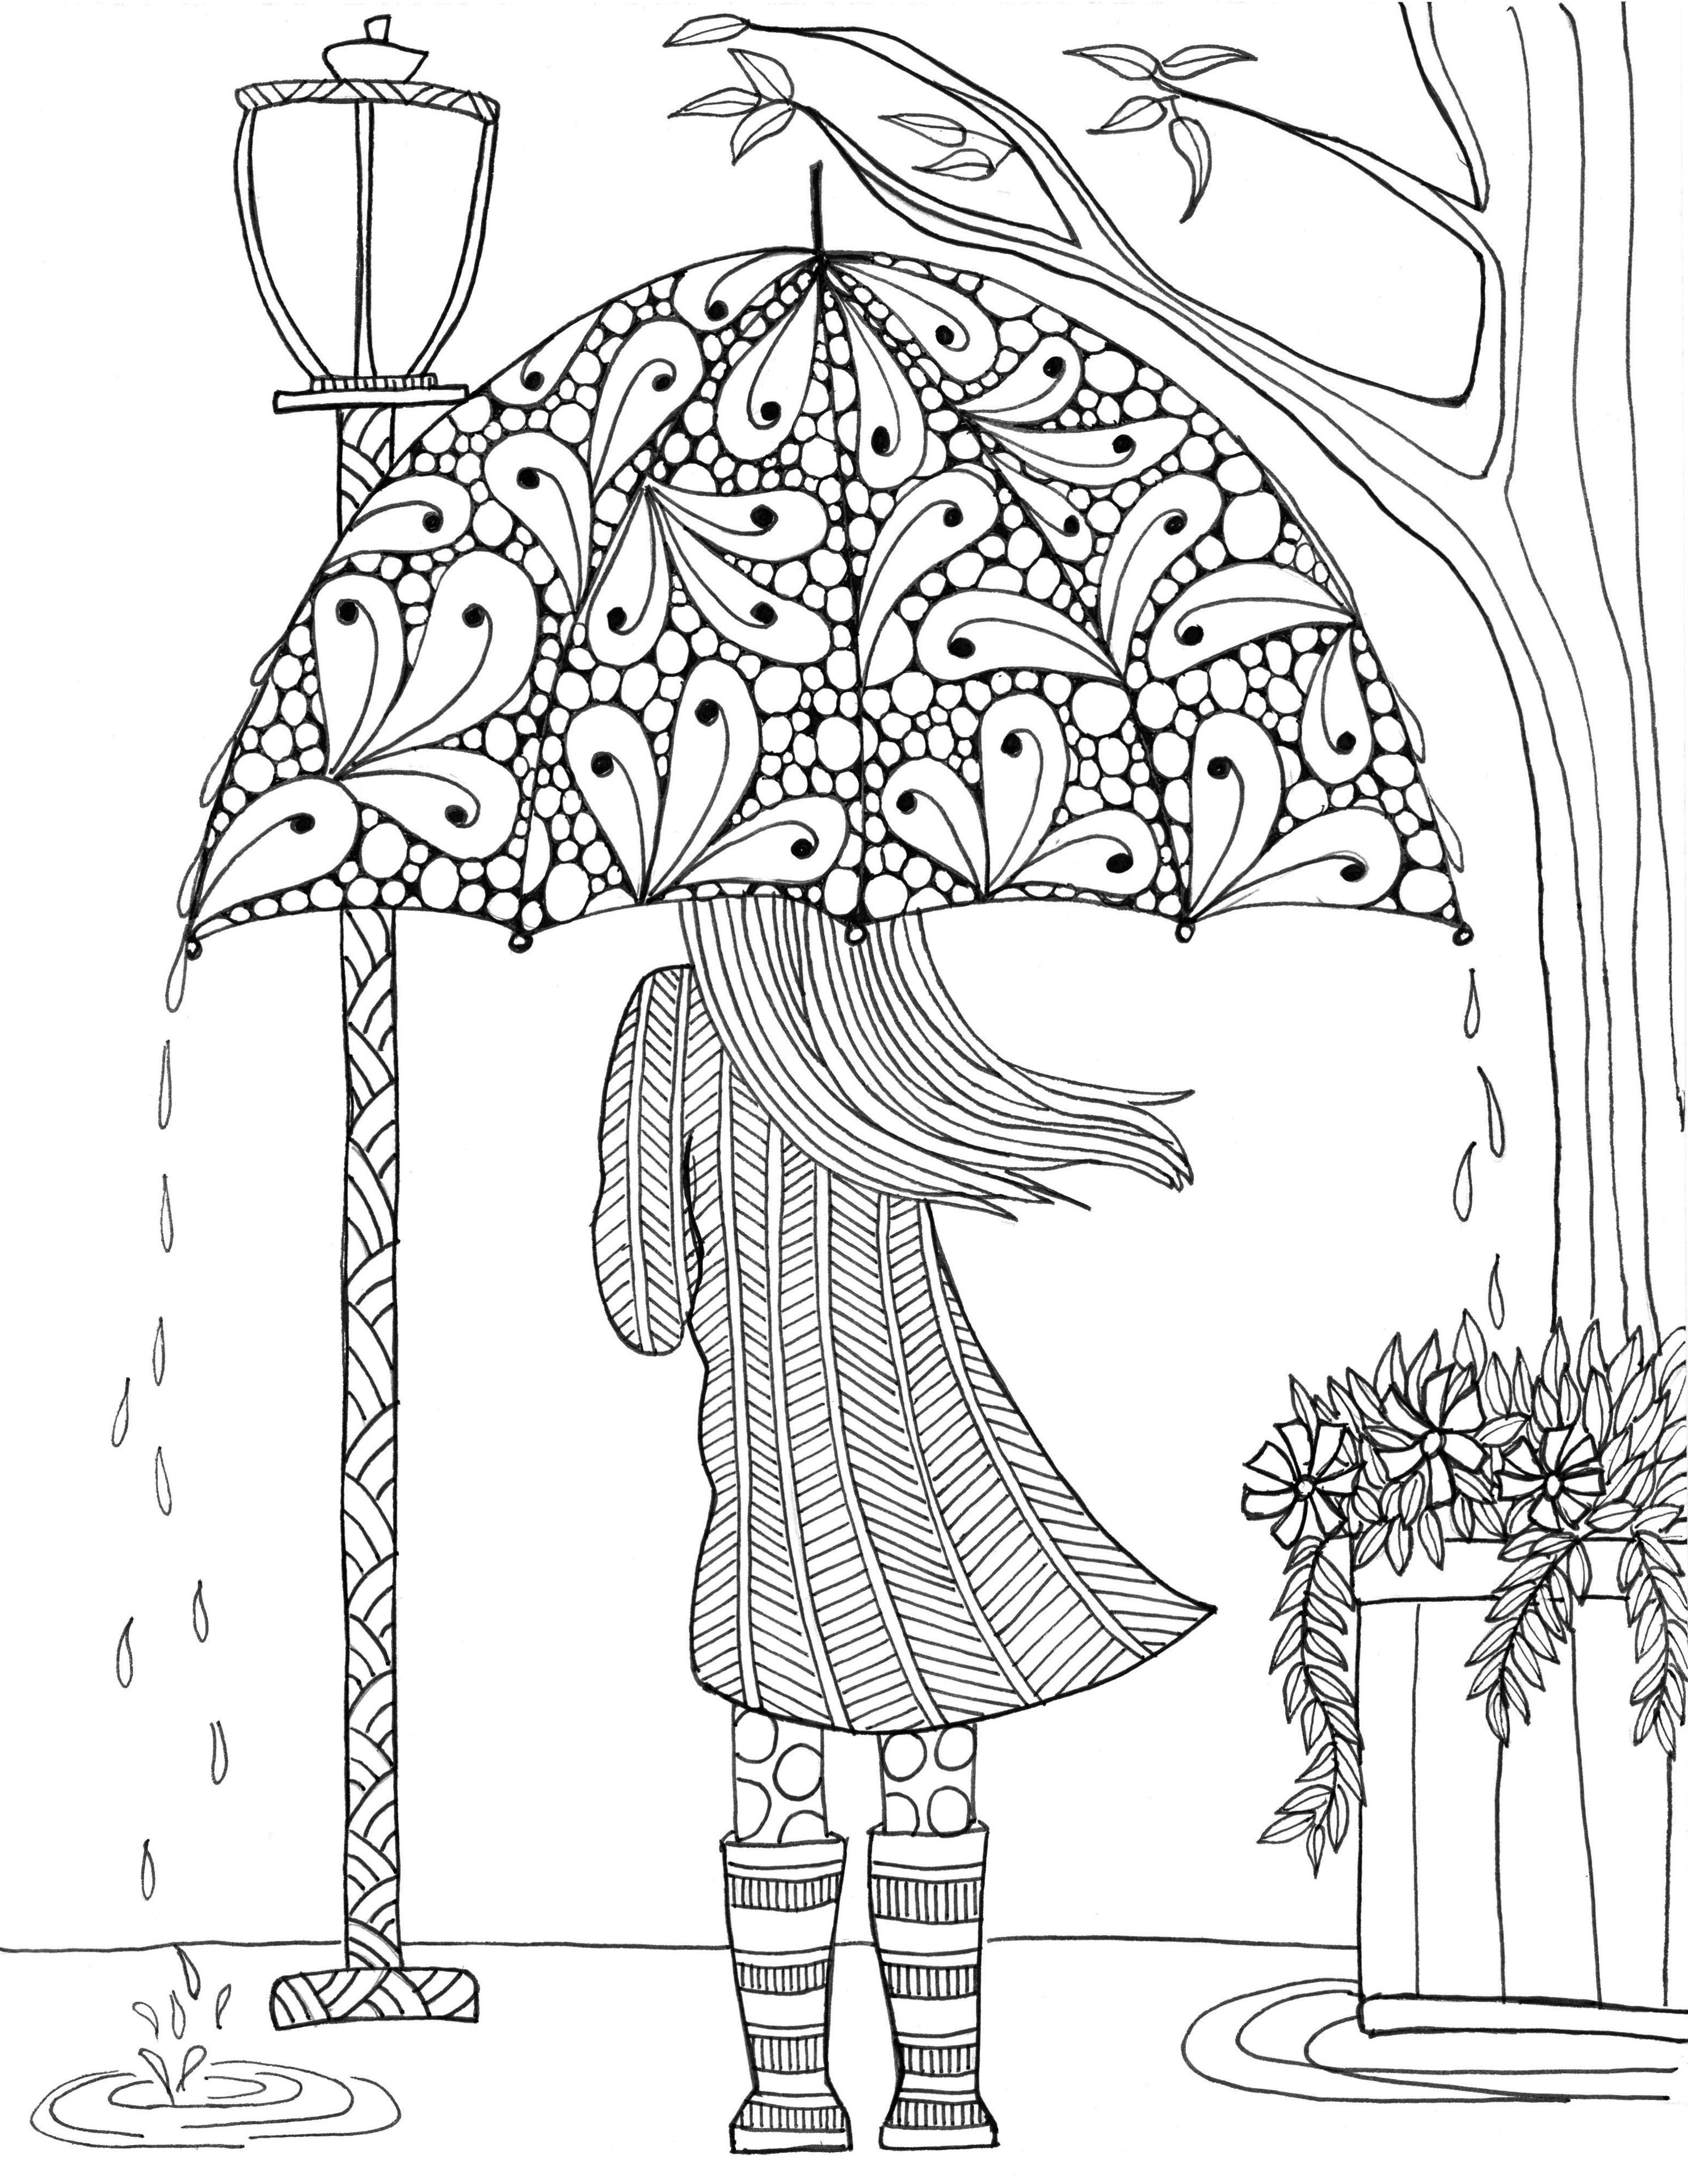 Девочка с зонтом осень - Люди и лица - Раскраски антистресс